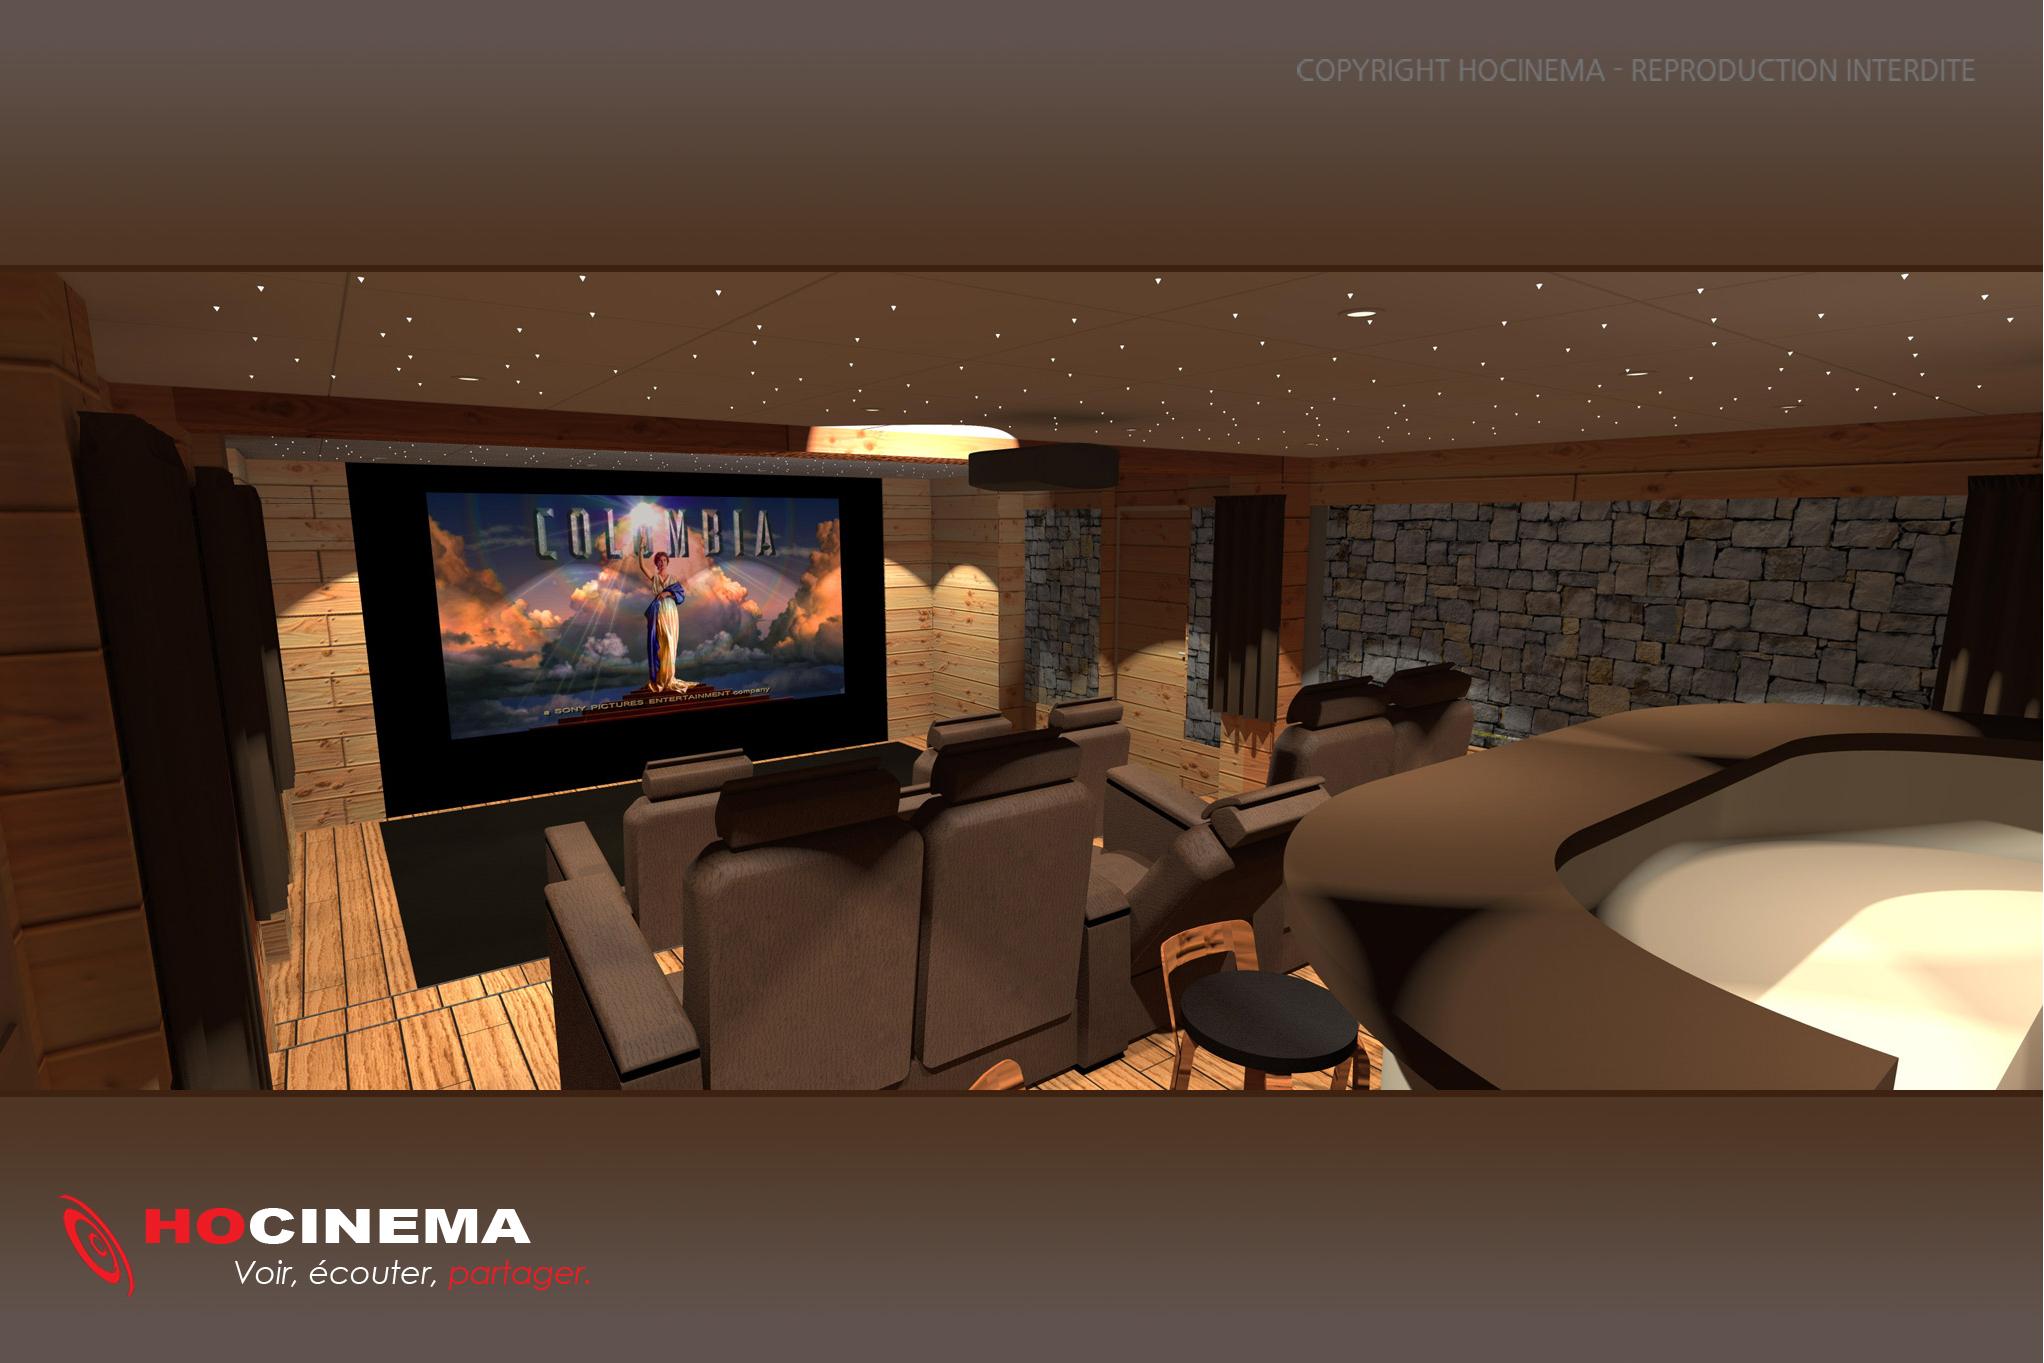 D coration salle de cinema a la maison 99 tourcoing - Salle de cinema a la maison ...